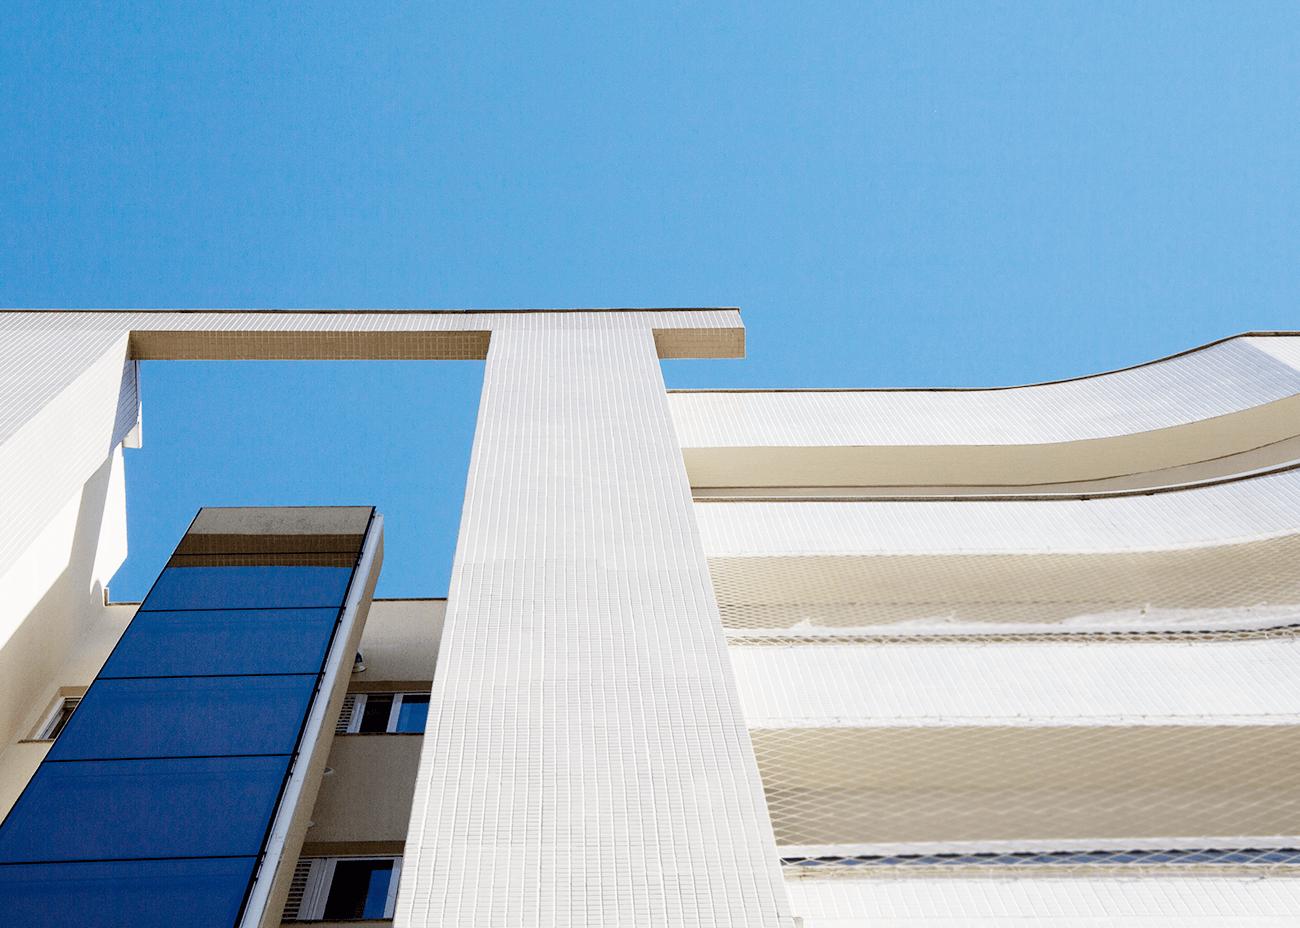 02_le_grand_construtora_carelli_propriedades_balneário_camboriú